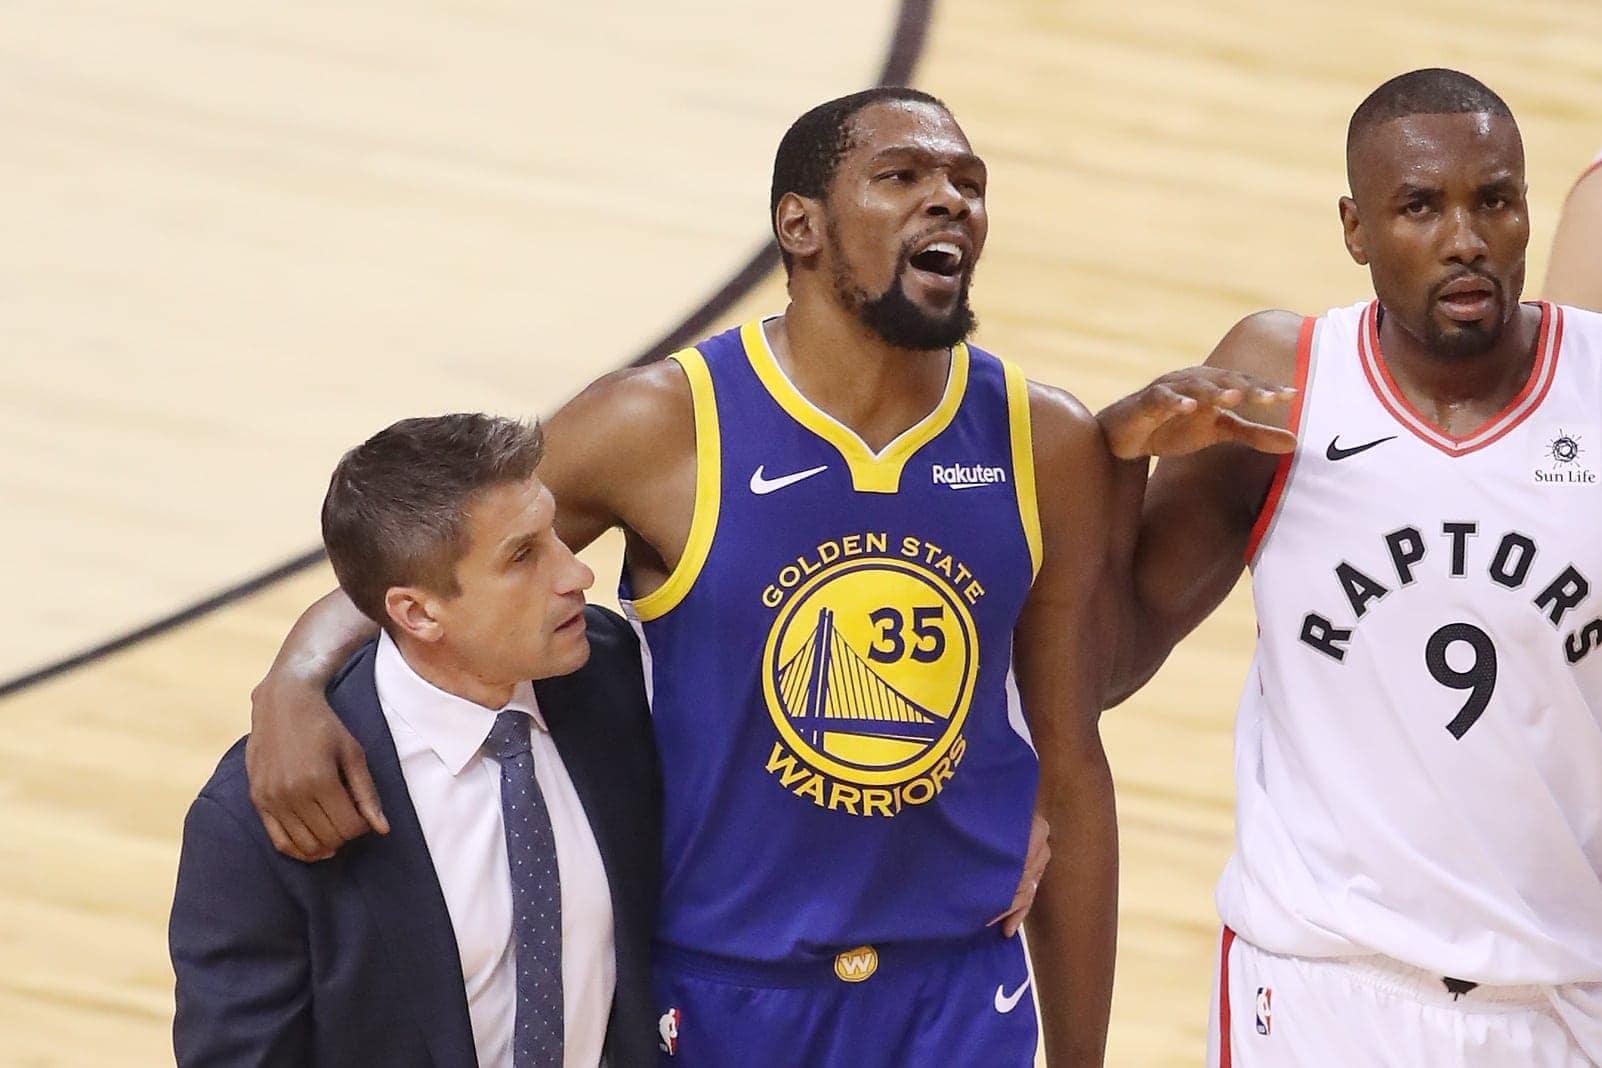 Die Golden State Warriors haben ihre Chancen auf den dritten Meistertitel in Folge in der Basketball-Profiliga NBA erhalten. Die Kalifornier verkürzten ihren Rückstand in der Finalserie gegen die Toronto Raptors auf 2:3